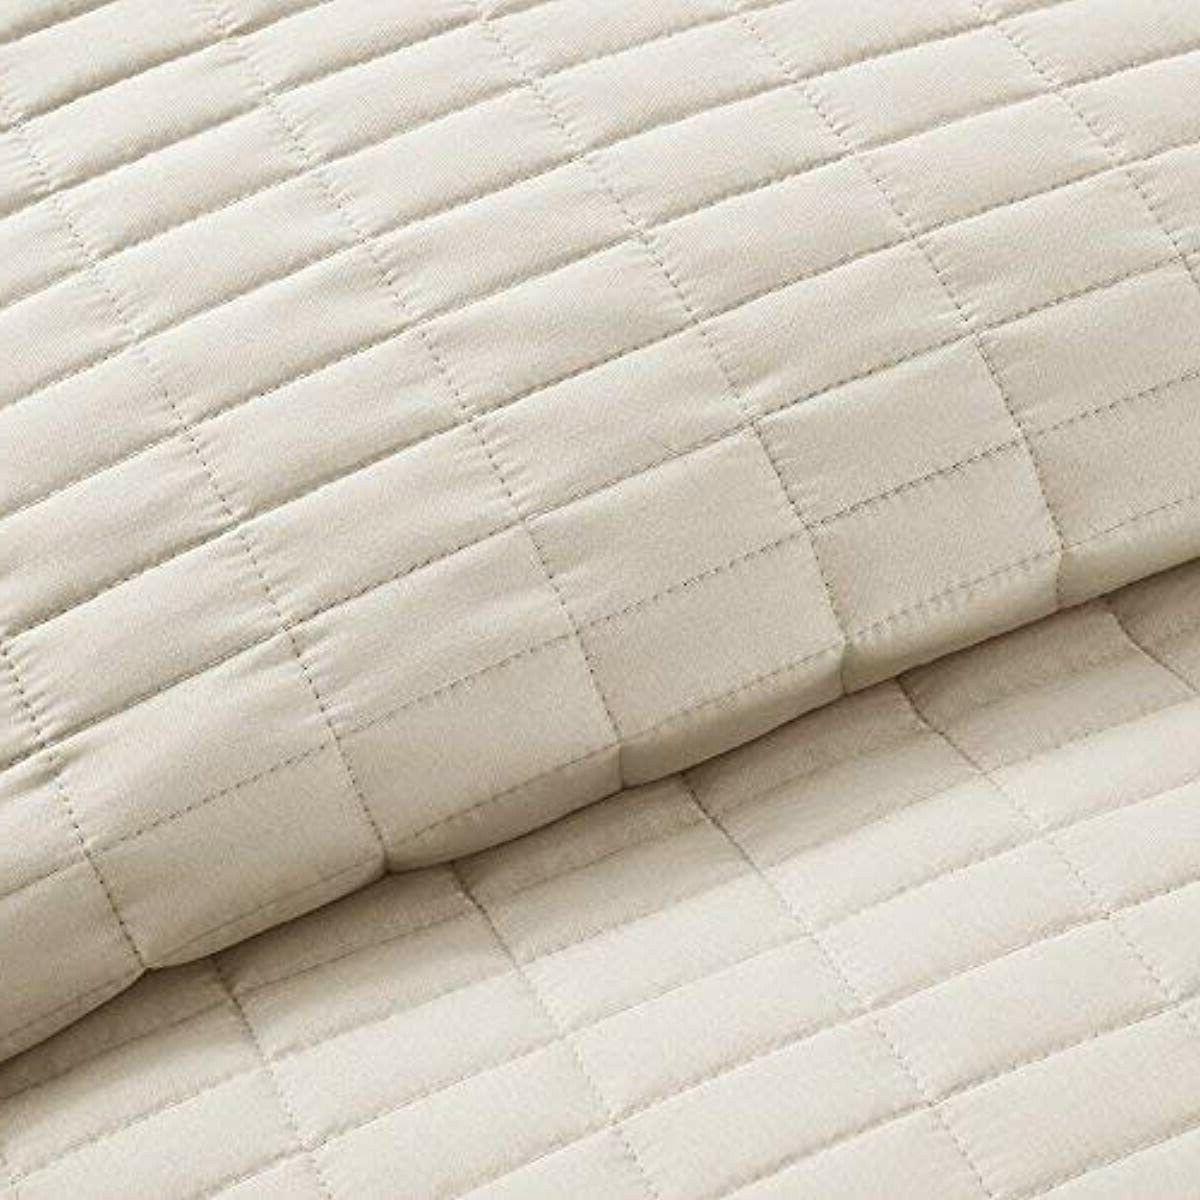 Quilt Mini Set - 3 Ivory - Stitched Quilt